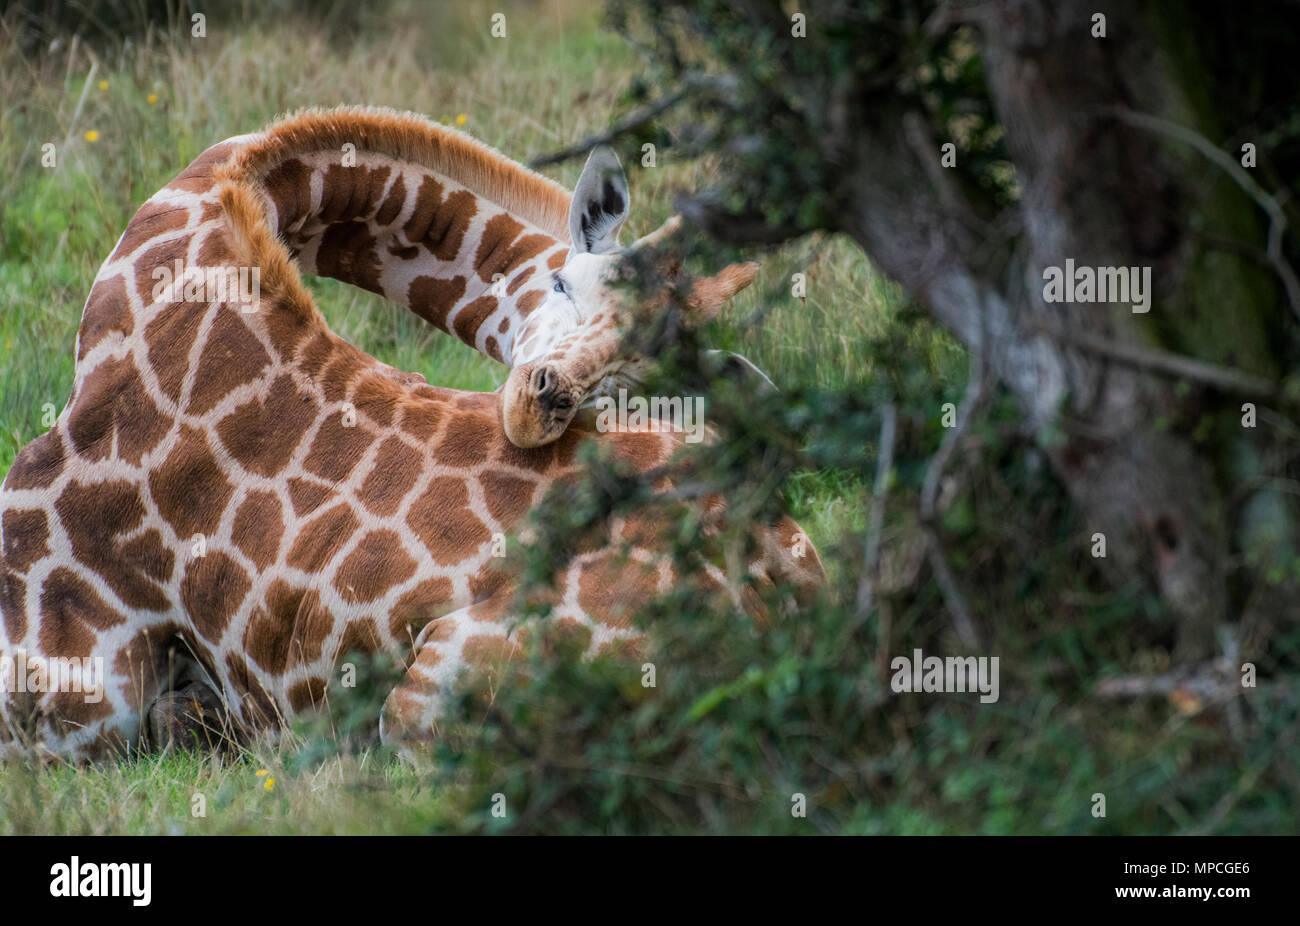 Ein seltener Moment eine wilde Giraffe schlafend Fang Stockfoto